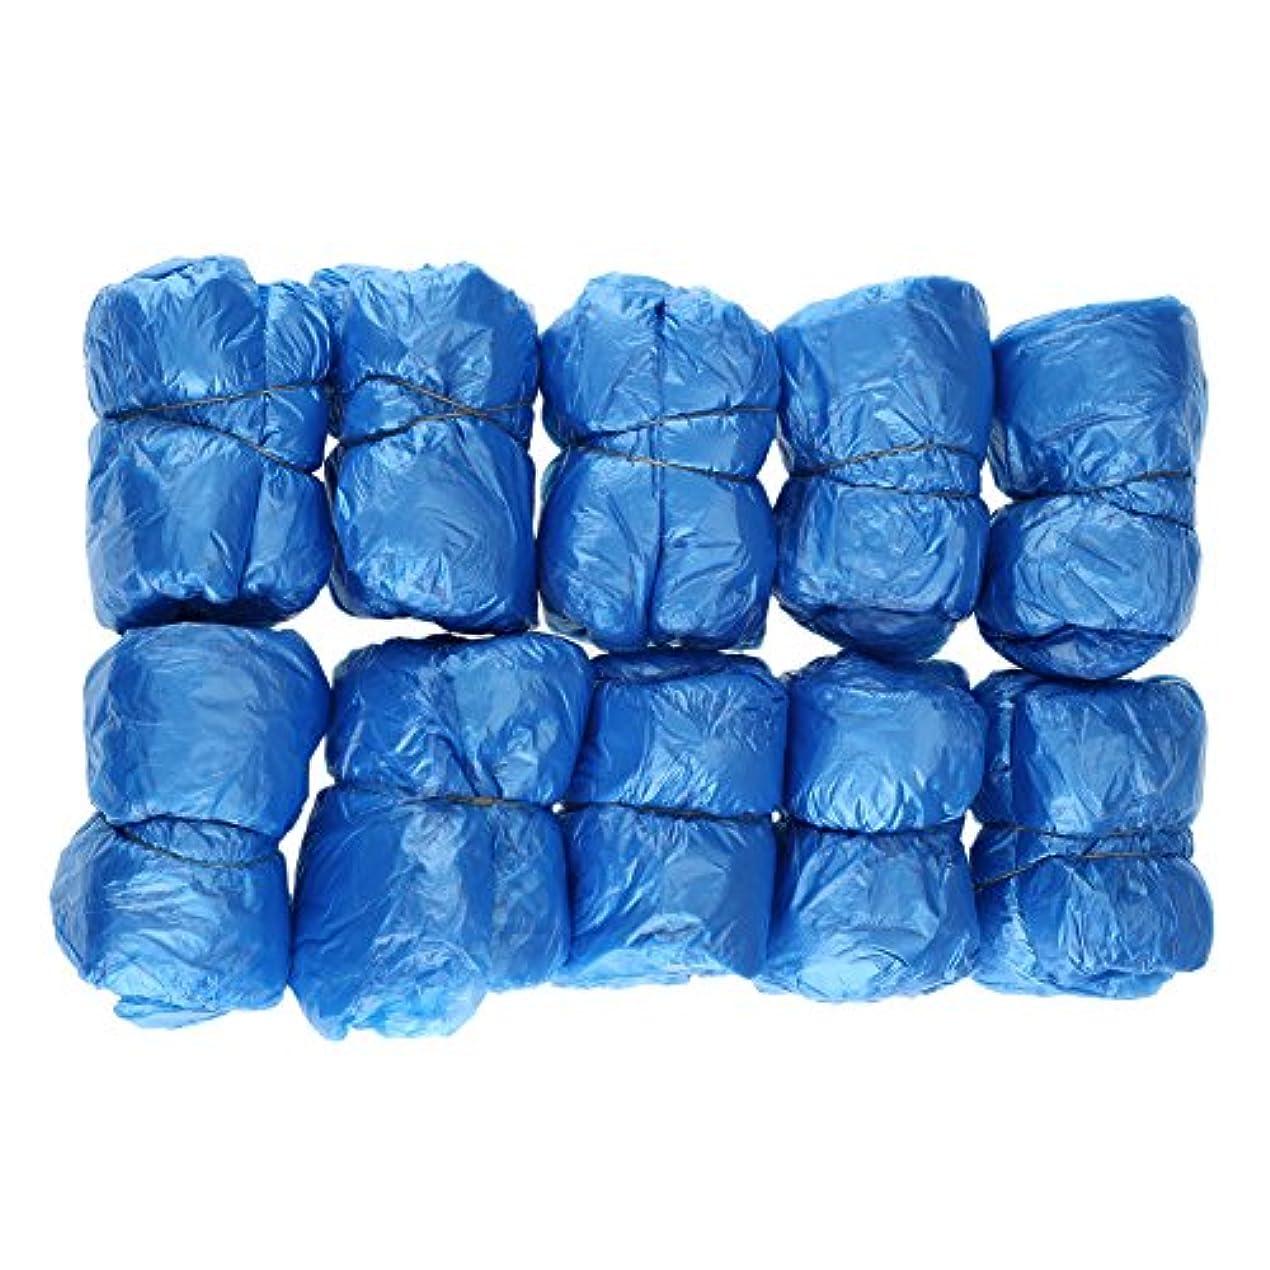 ベンチ詐欺師底100枚入 使い捨て靴カバー シューズカバー 靴カバー サイズフリー簡単 便利 衛生 家庭用品 ブルー